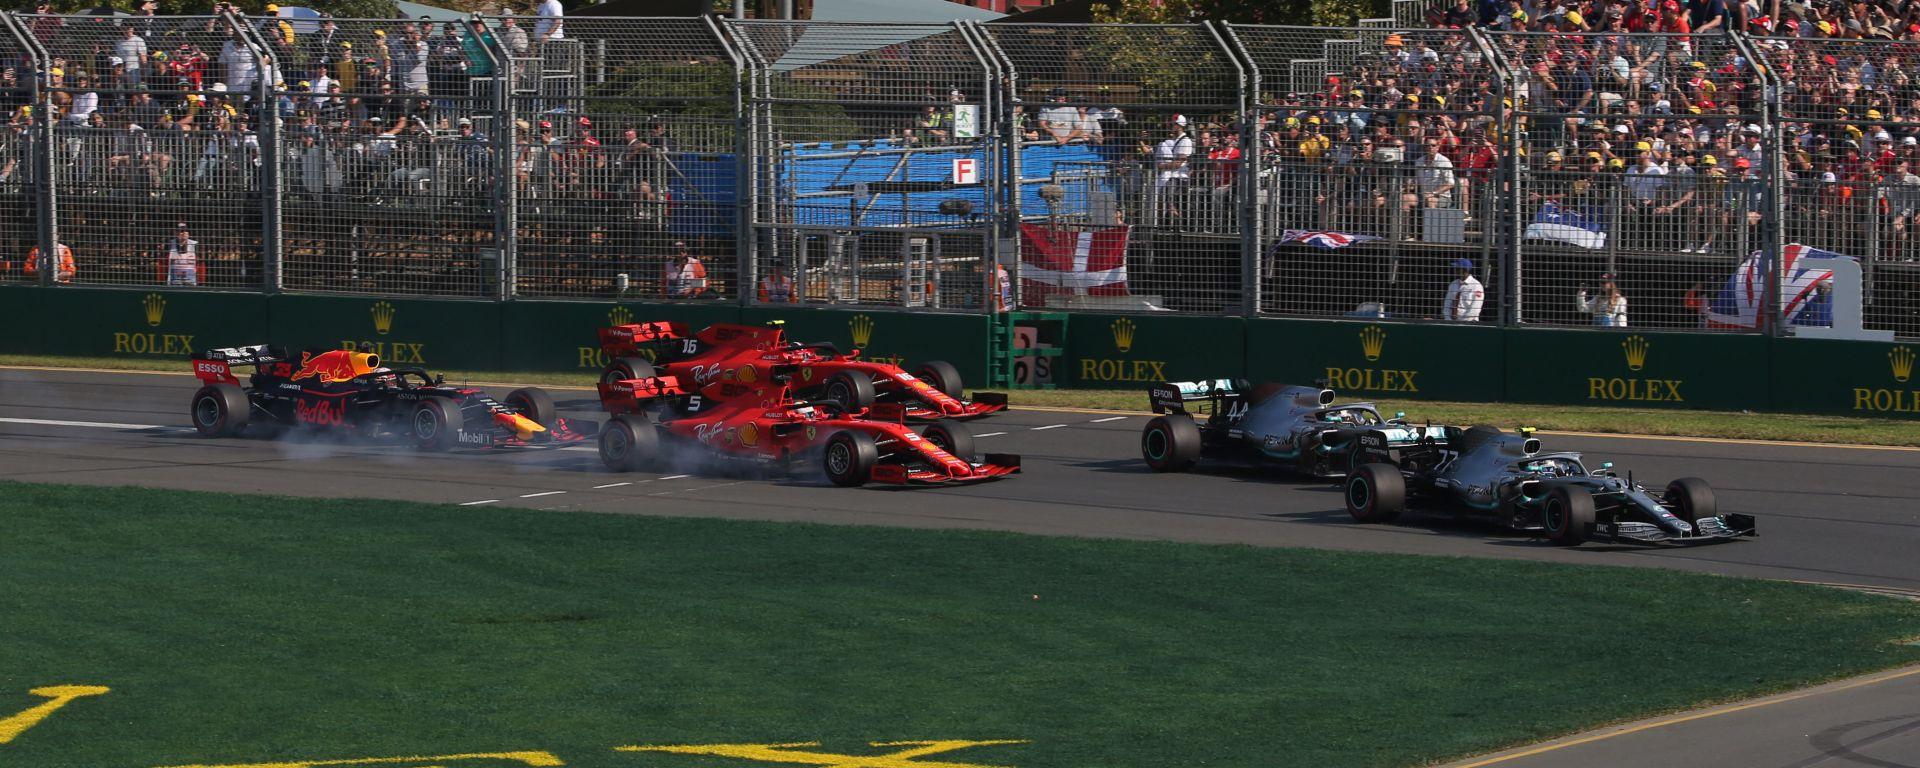 F1 GP Australia 2019, la partenza